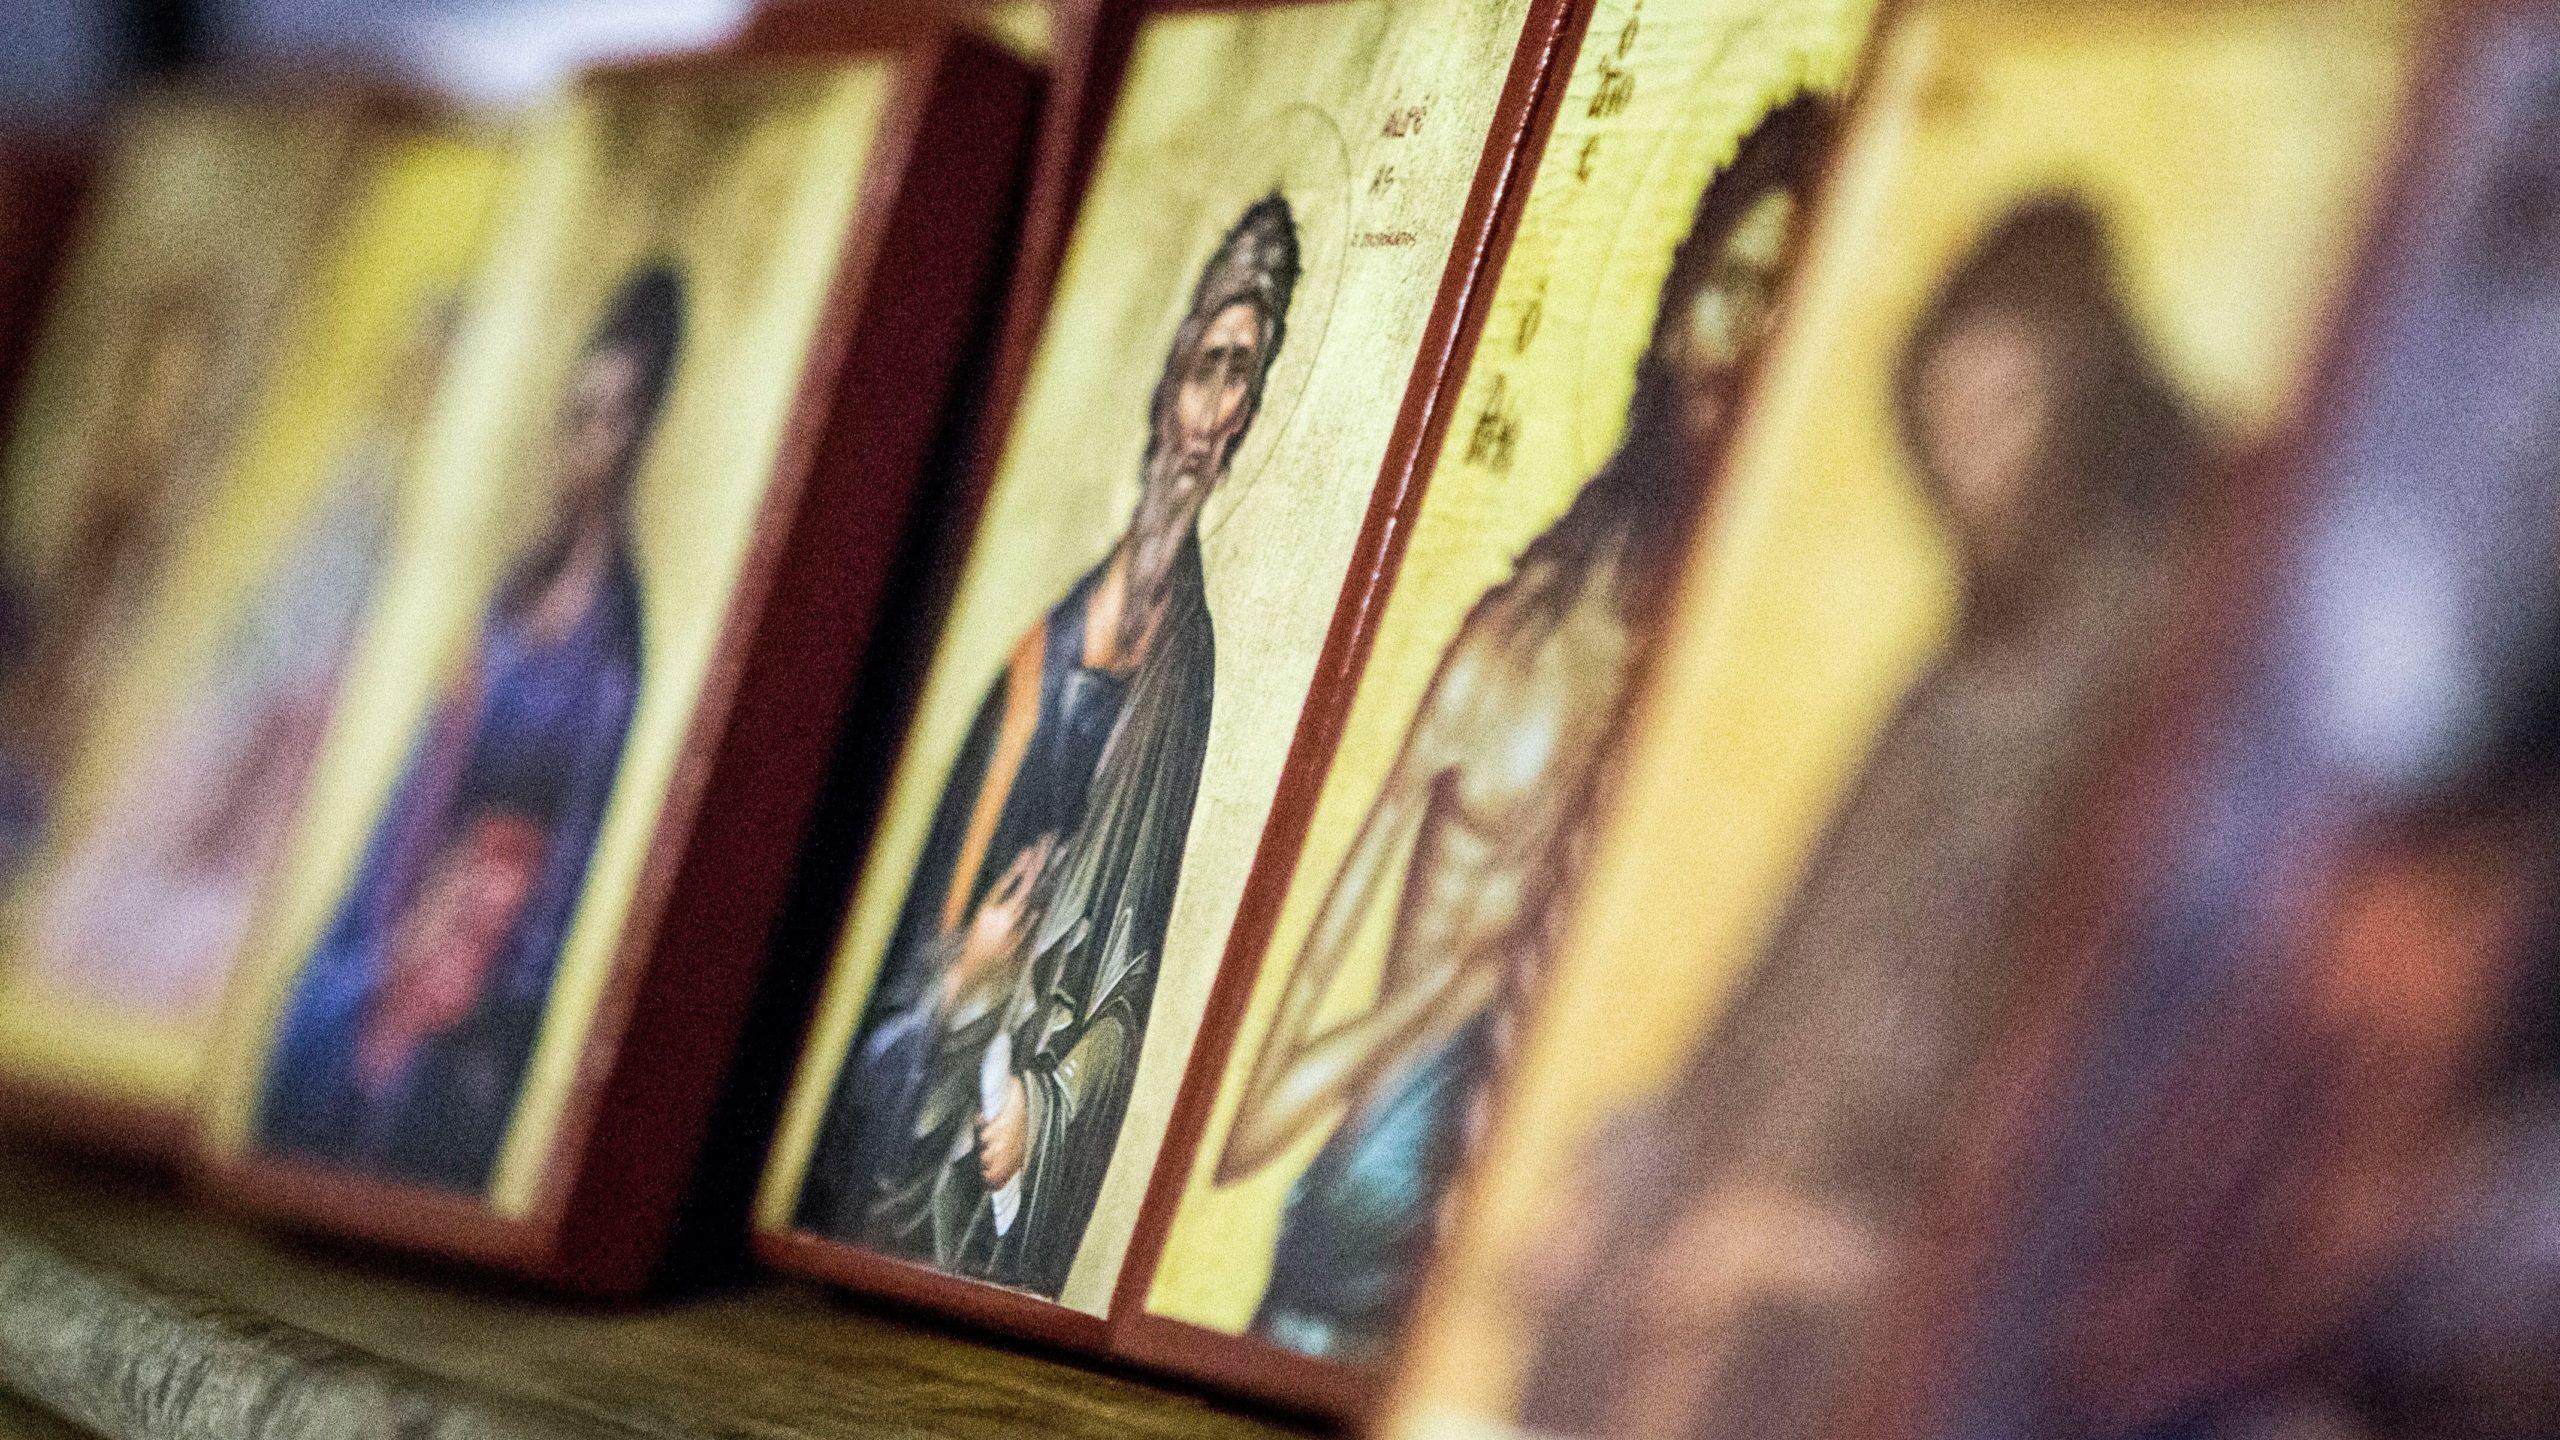 Nunnad maalivad Reomäel kloostris ka ikoone, kuid vaid tellimuse peale